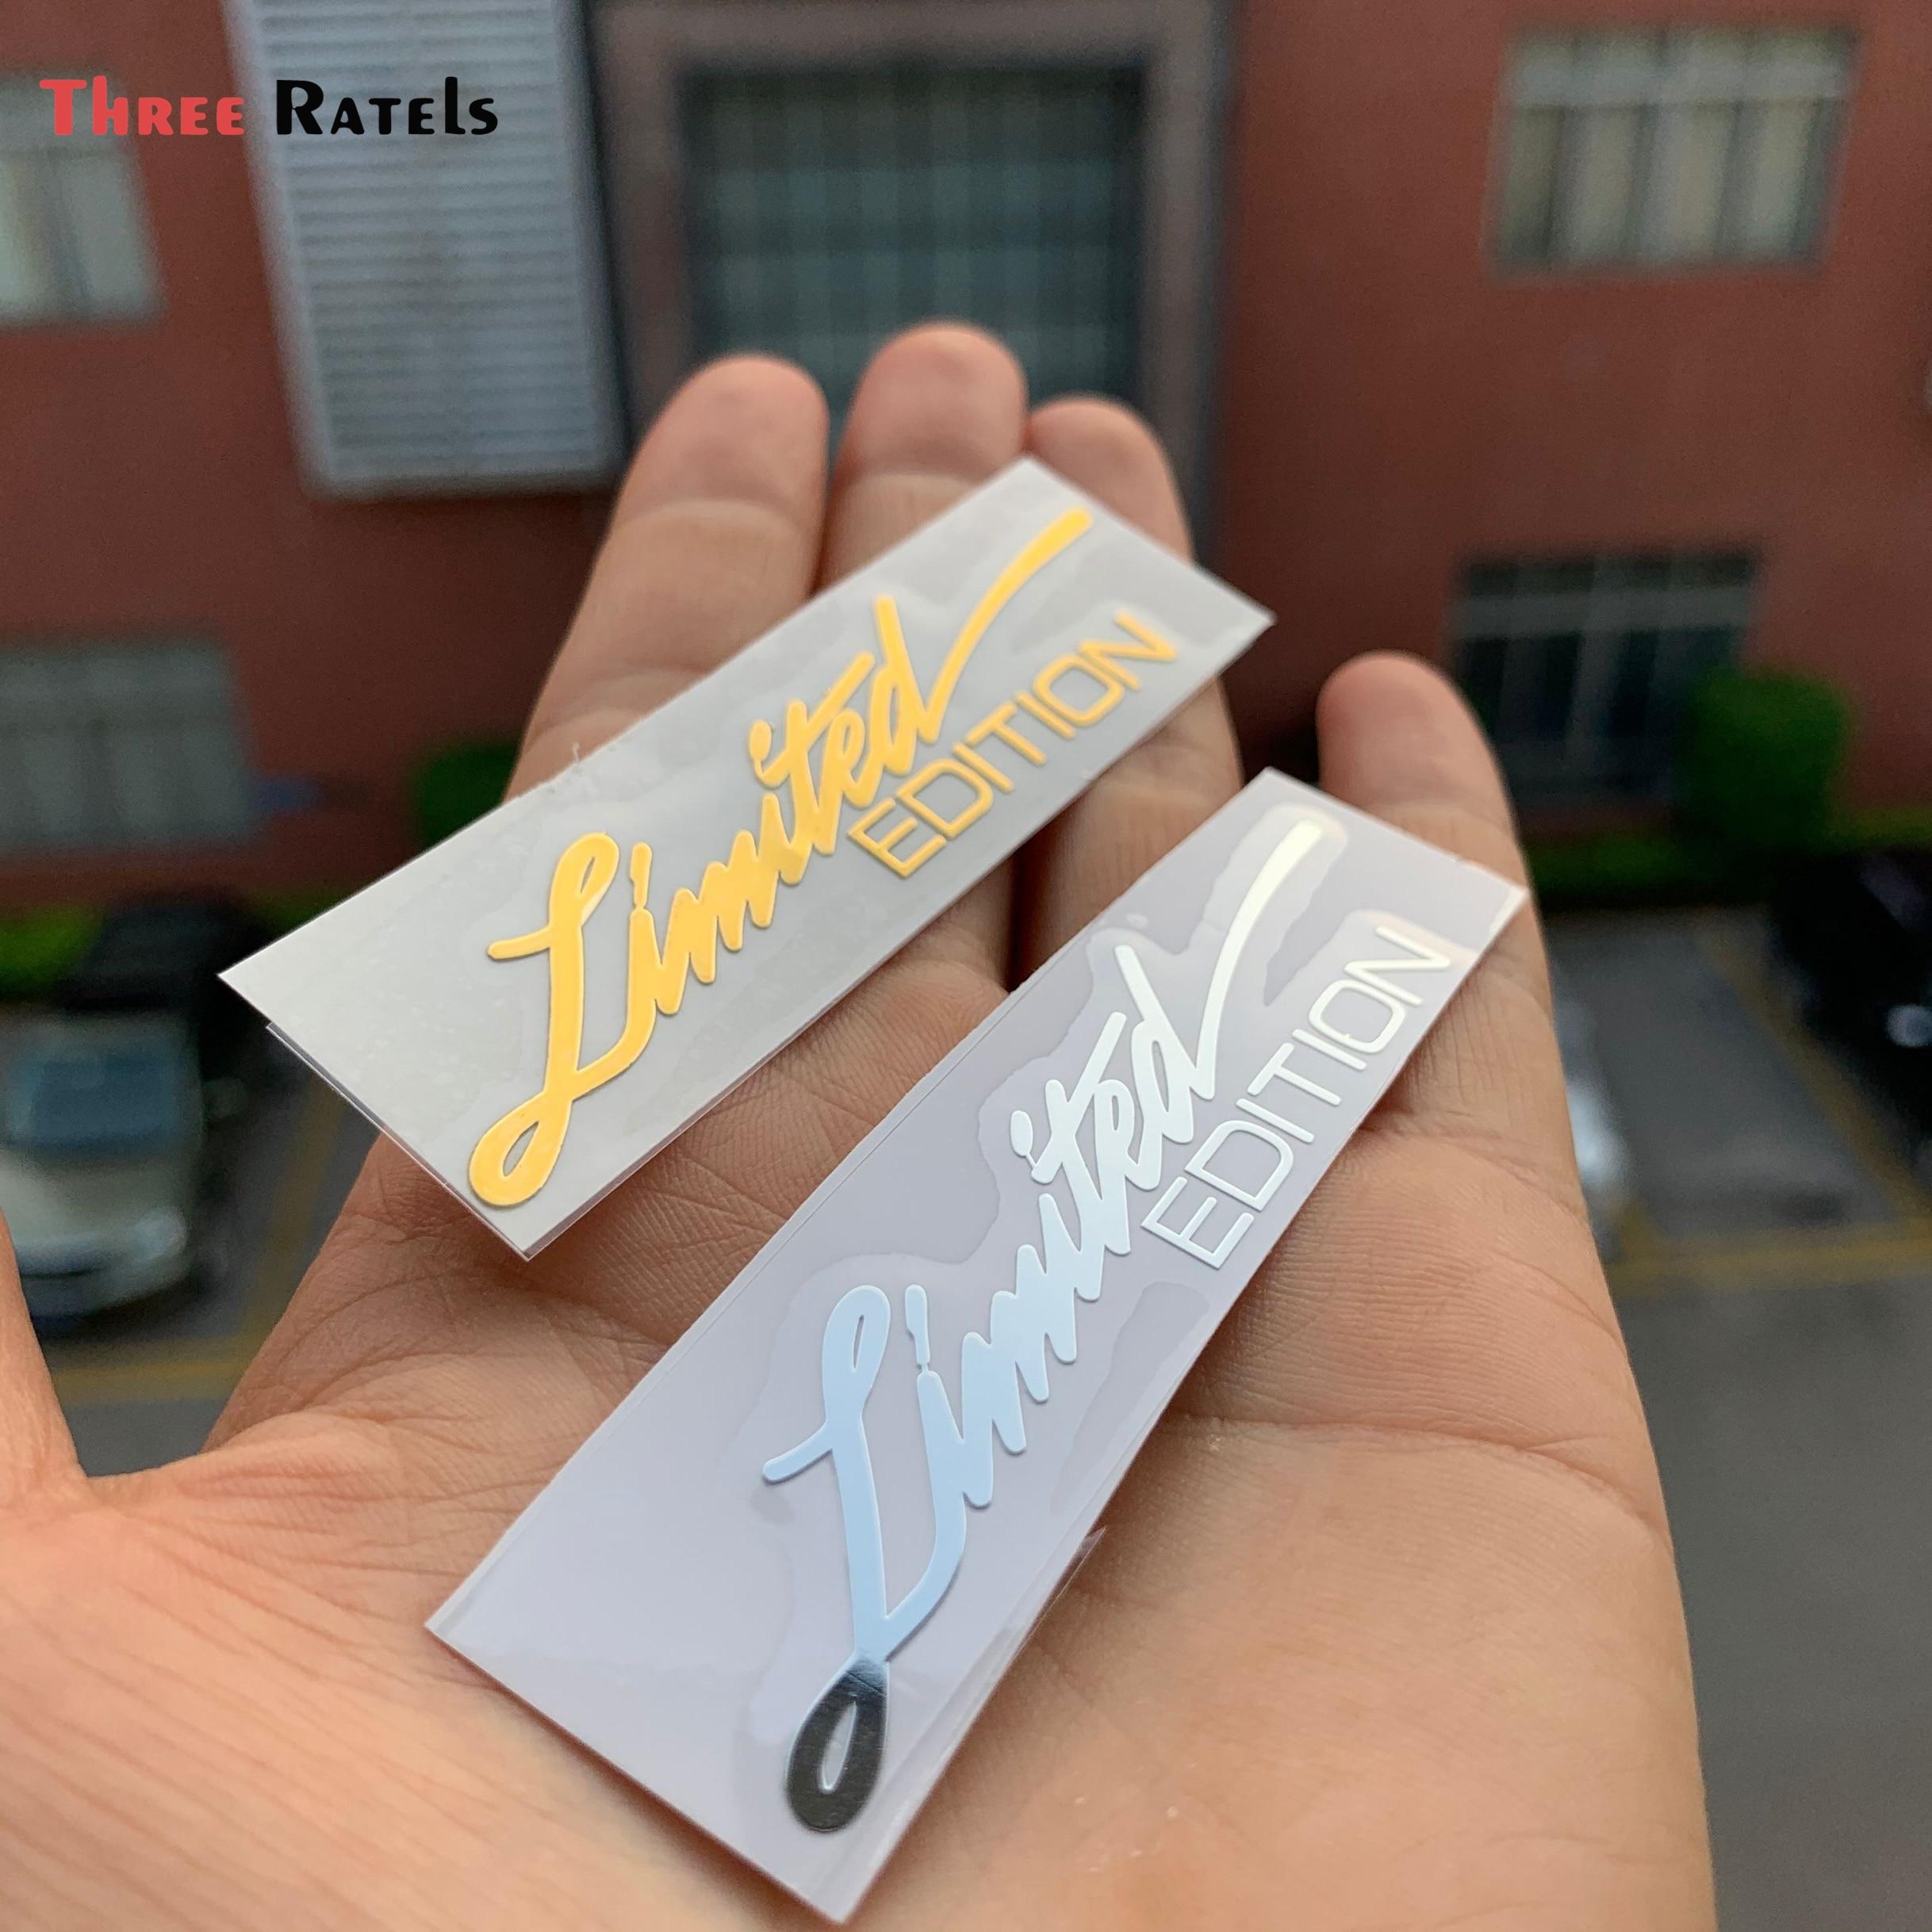 Три храповых ключа, эмблема «edition» Размером 7,5 х1, 8 см, креативные металлические 3d-наклейки на мобильный телефон